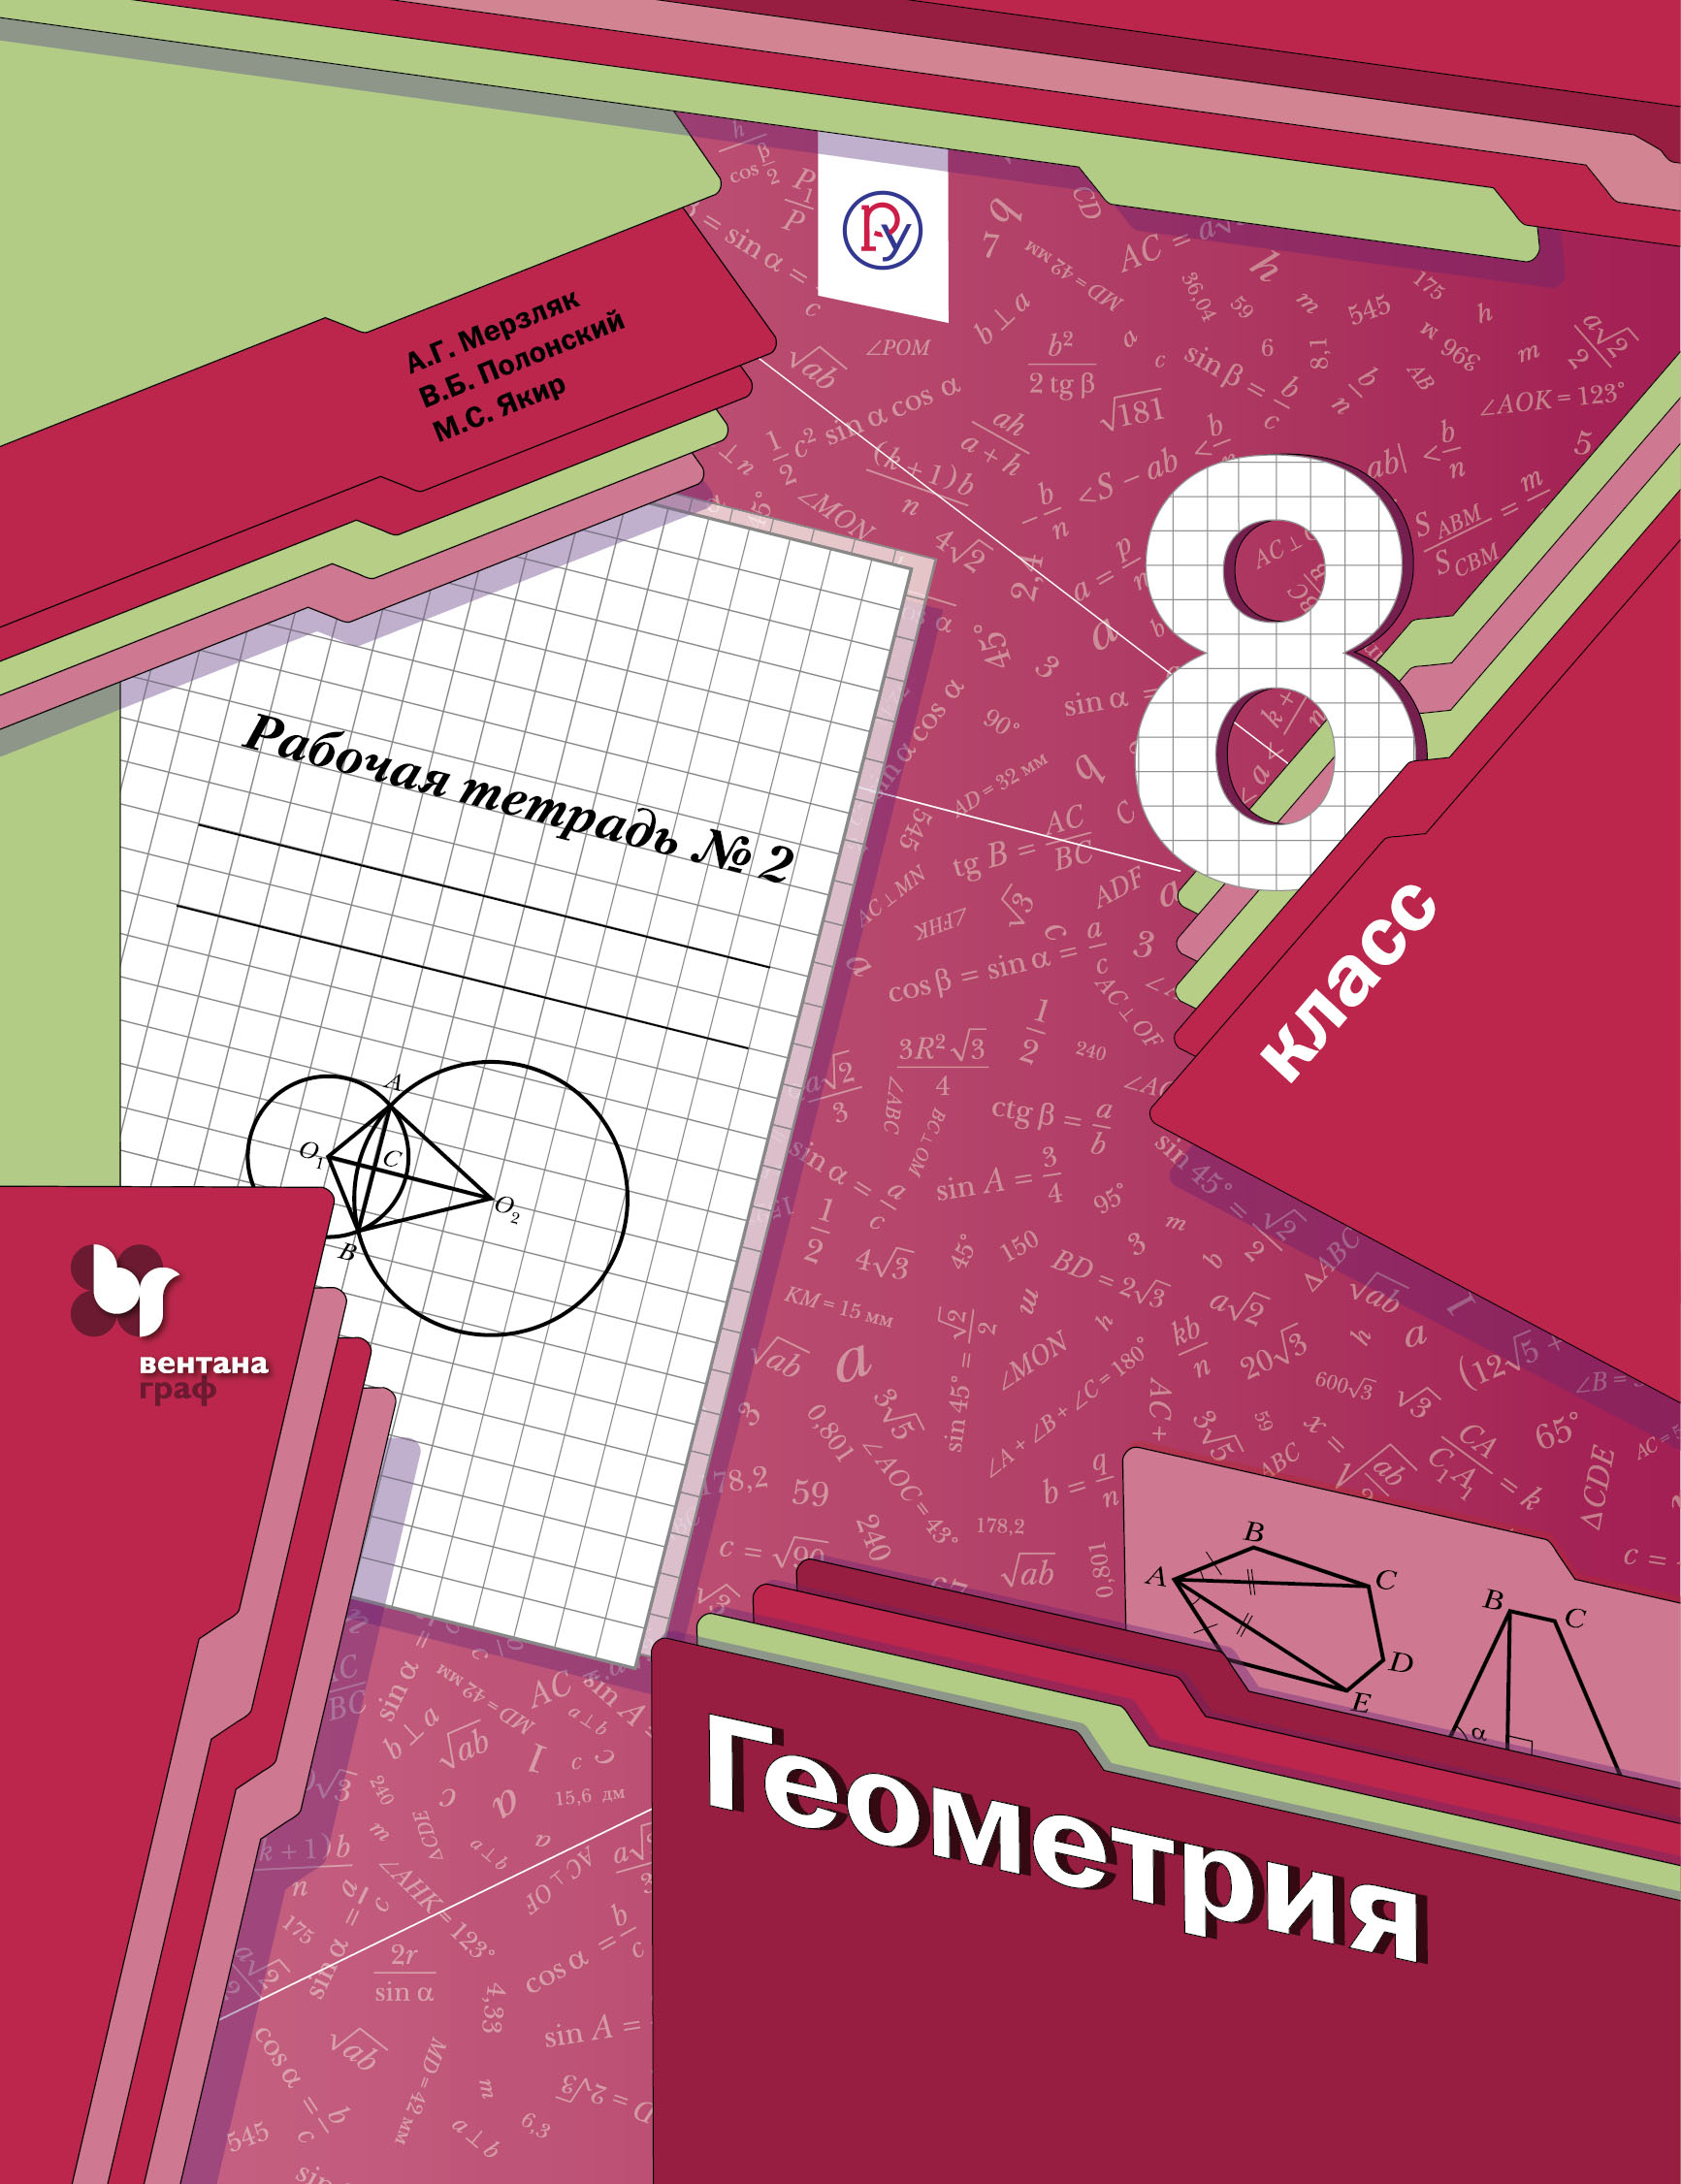 Геометрия. 8класс. Рабочая тетрадь №2. ( Мерзляк А.Г., Полонский В.Б., Якир М.С.  )